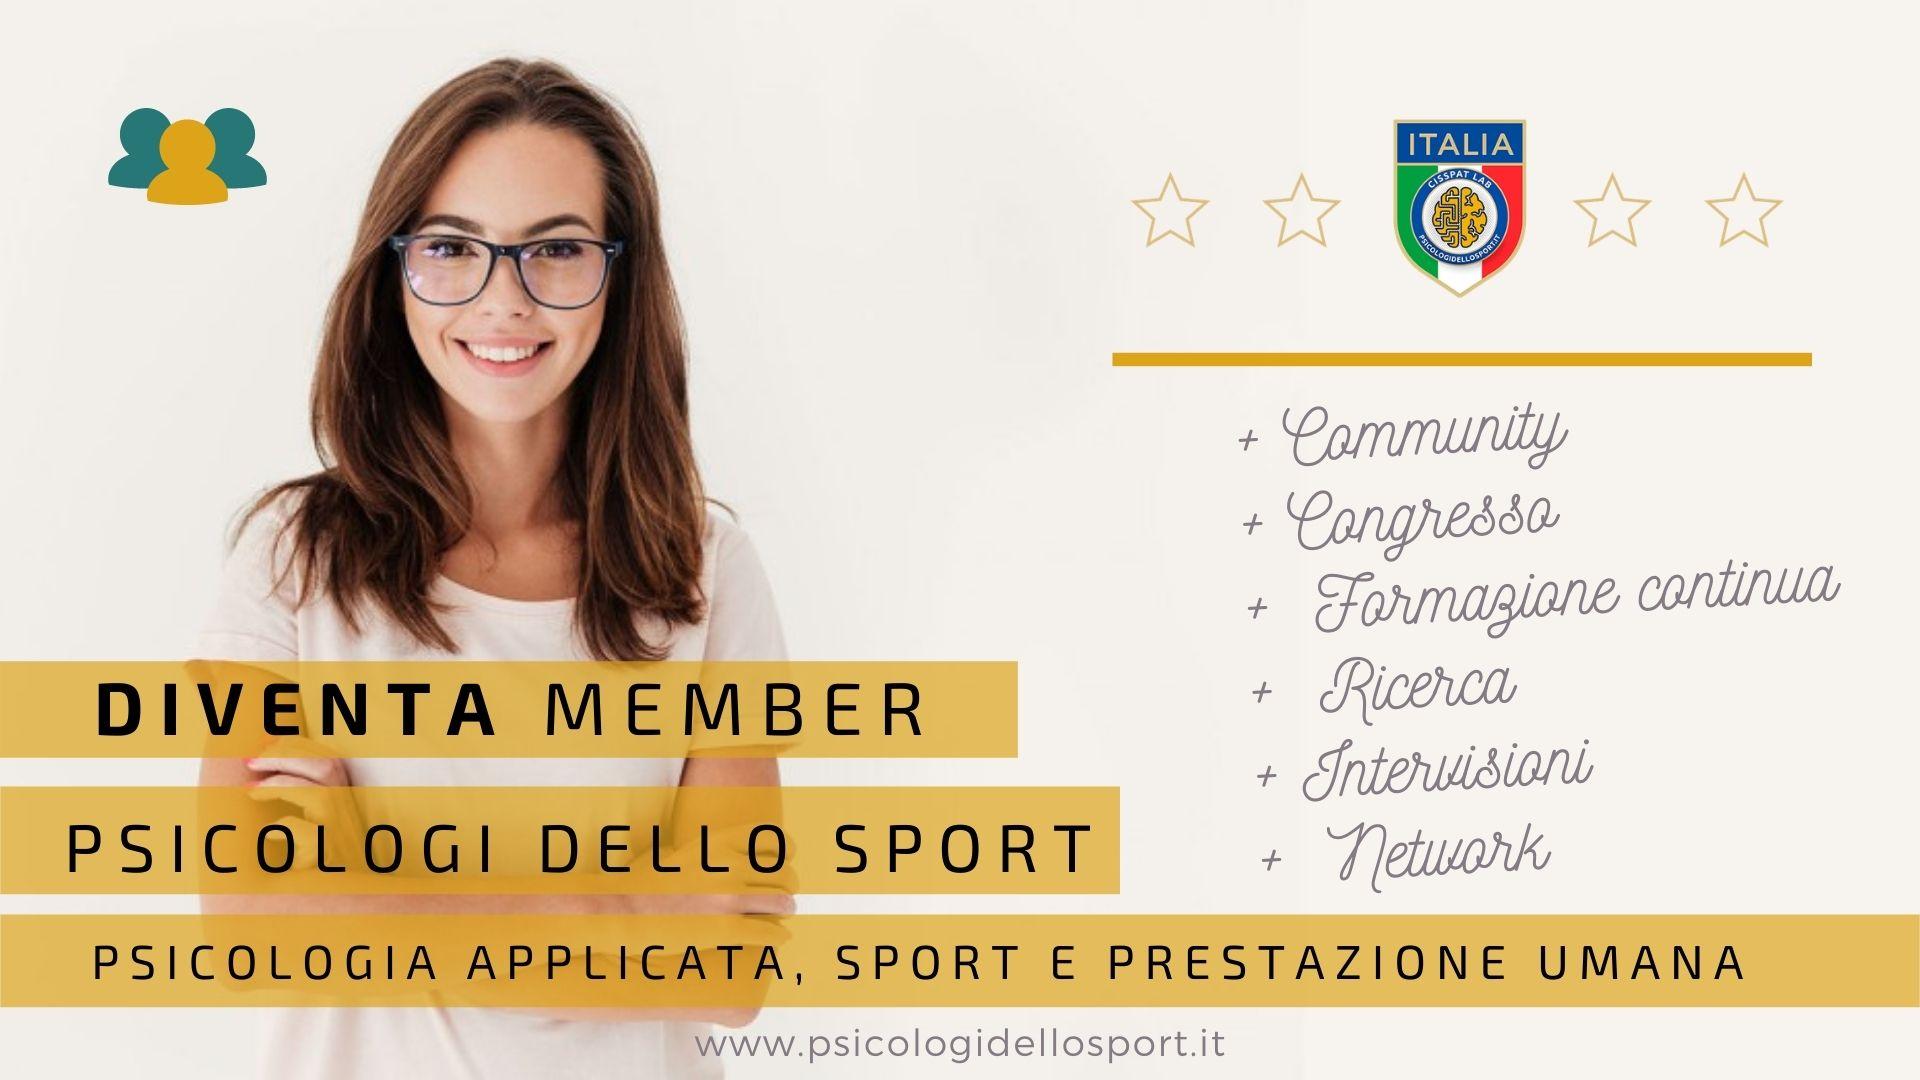 psicologia applicata sport prestazione umana preparazione mentale prepatatoreCopia di Became a member executive ambassadar